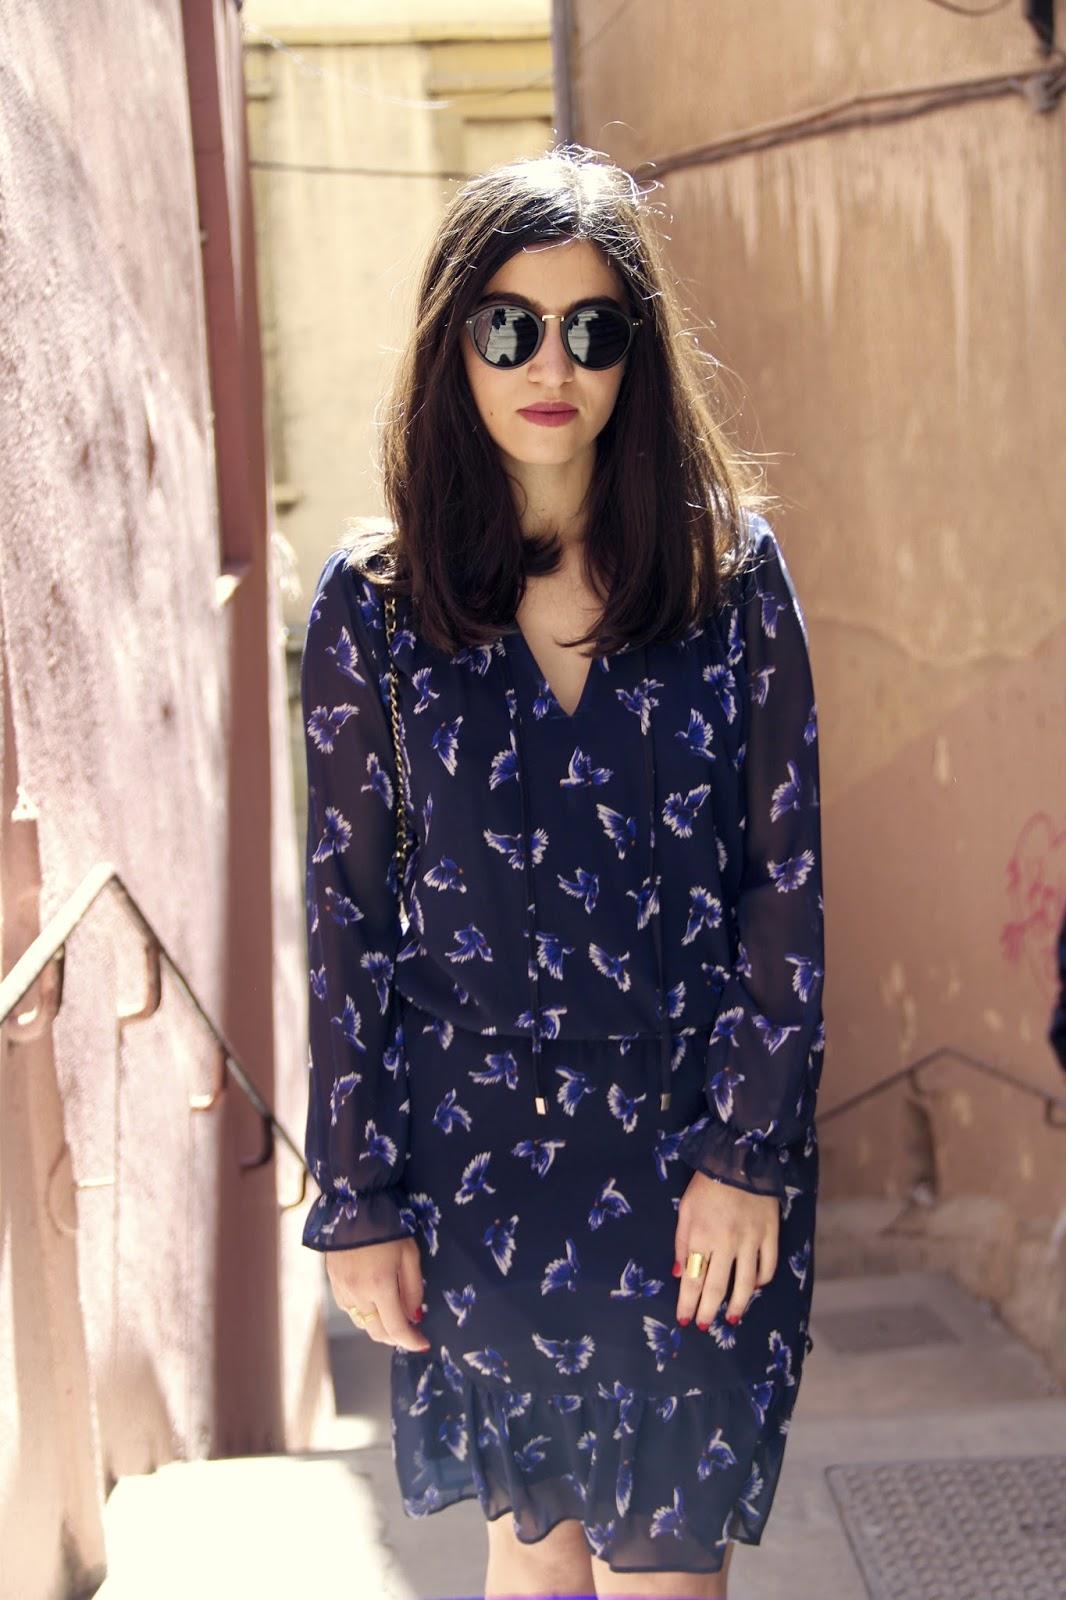 modeuse lyonnaise, blog mode, modeuse parisienne